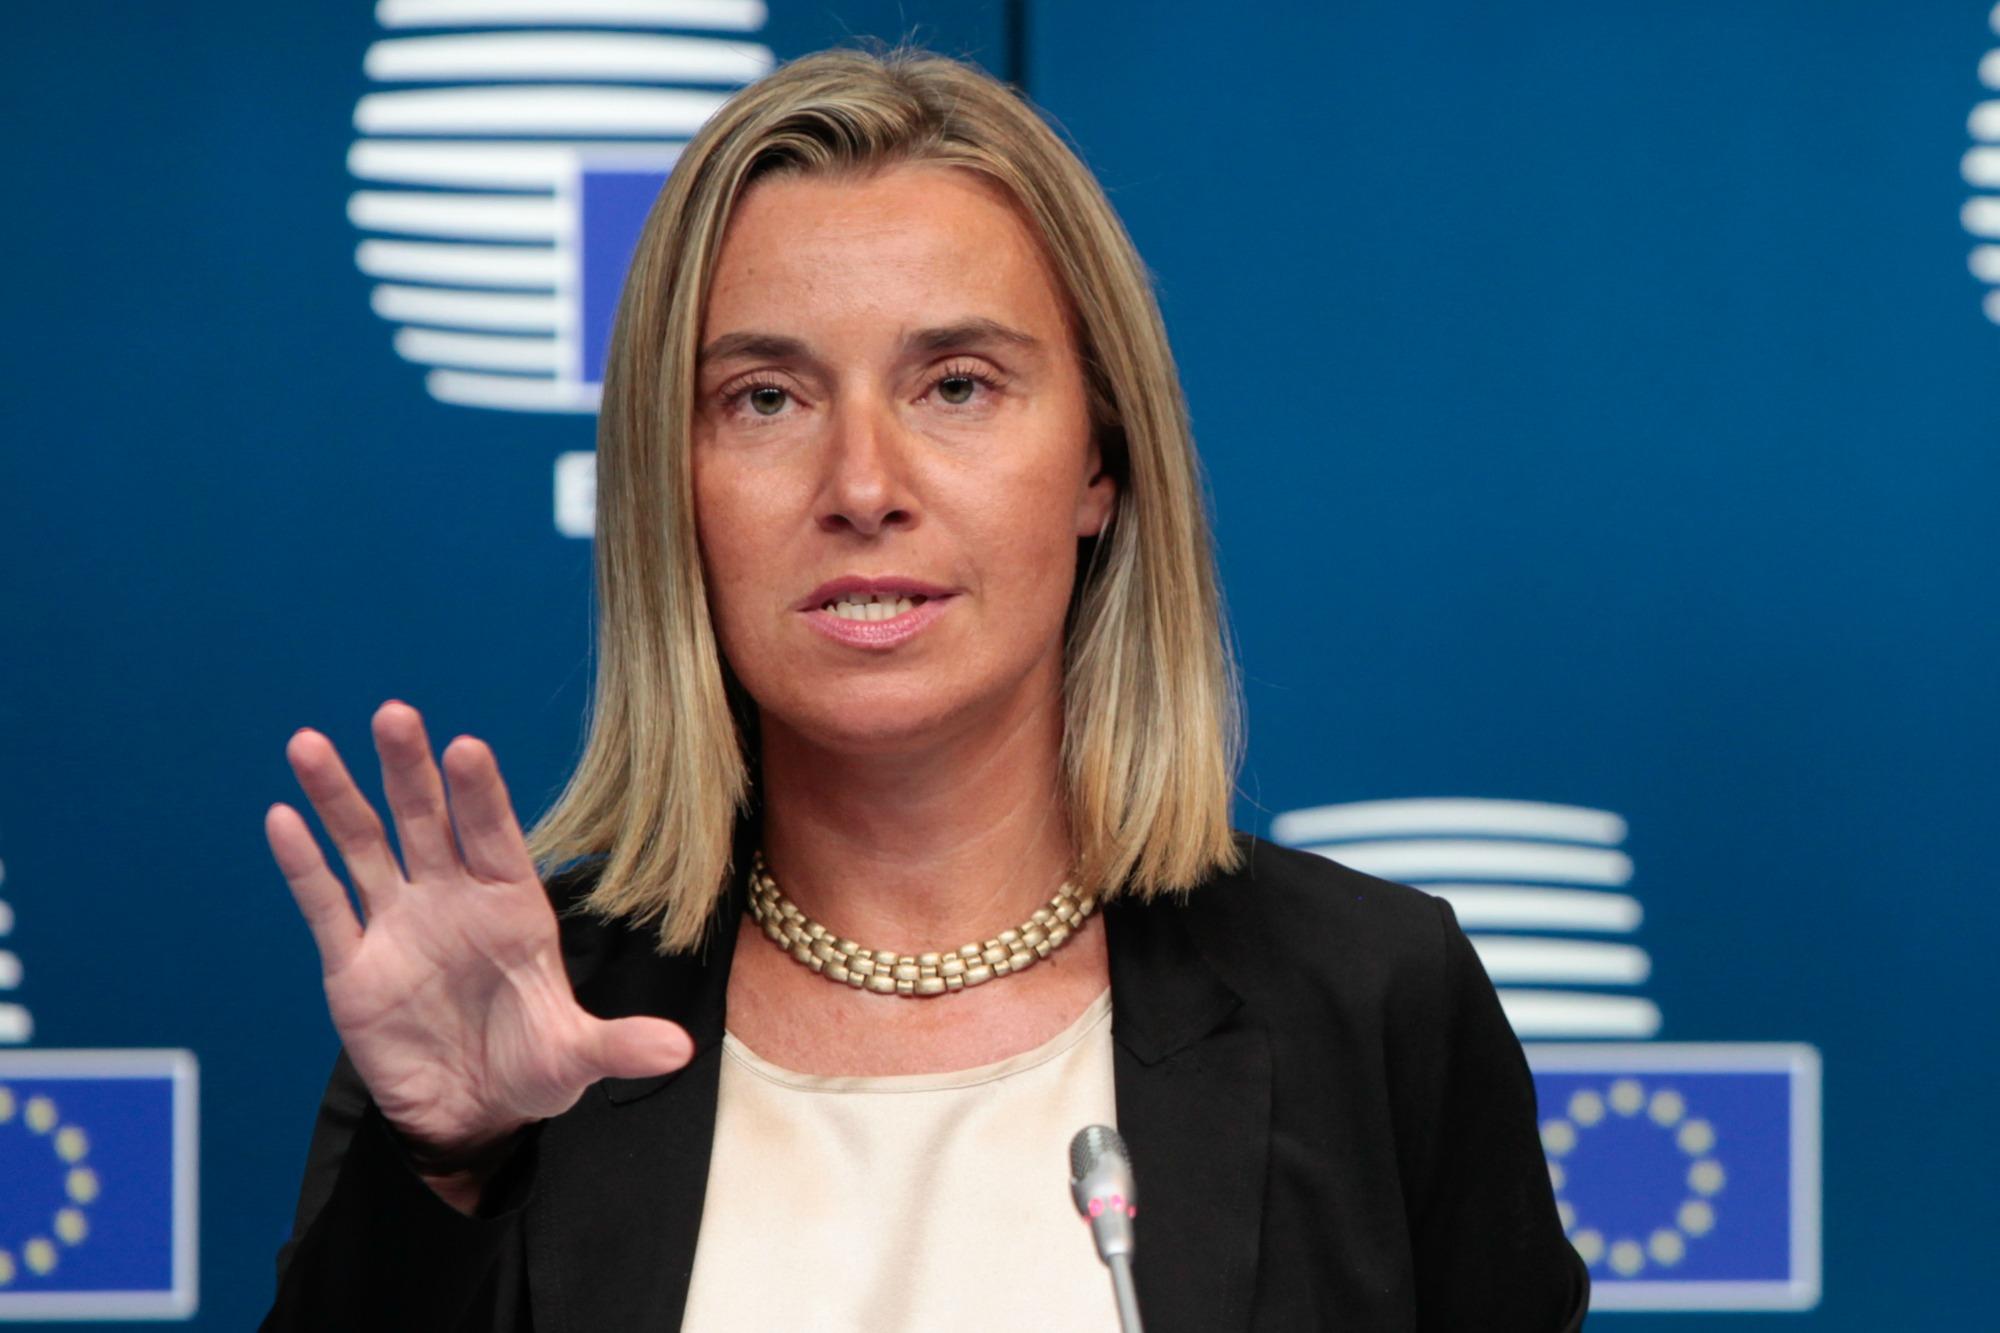 Reagimi i Mogherinit pas takimit me Thaçin dhe Vuçiç në Bruksel